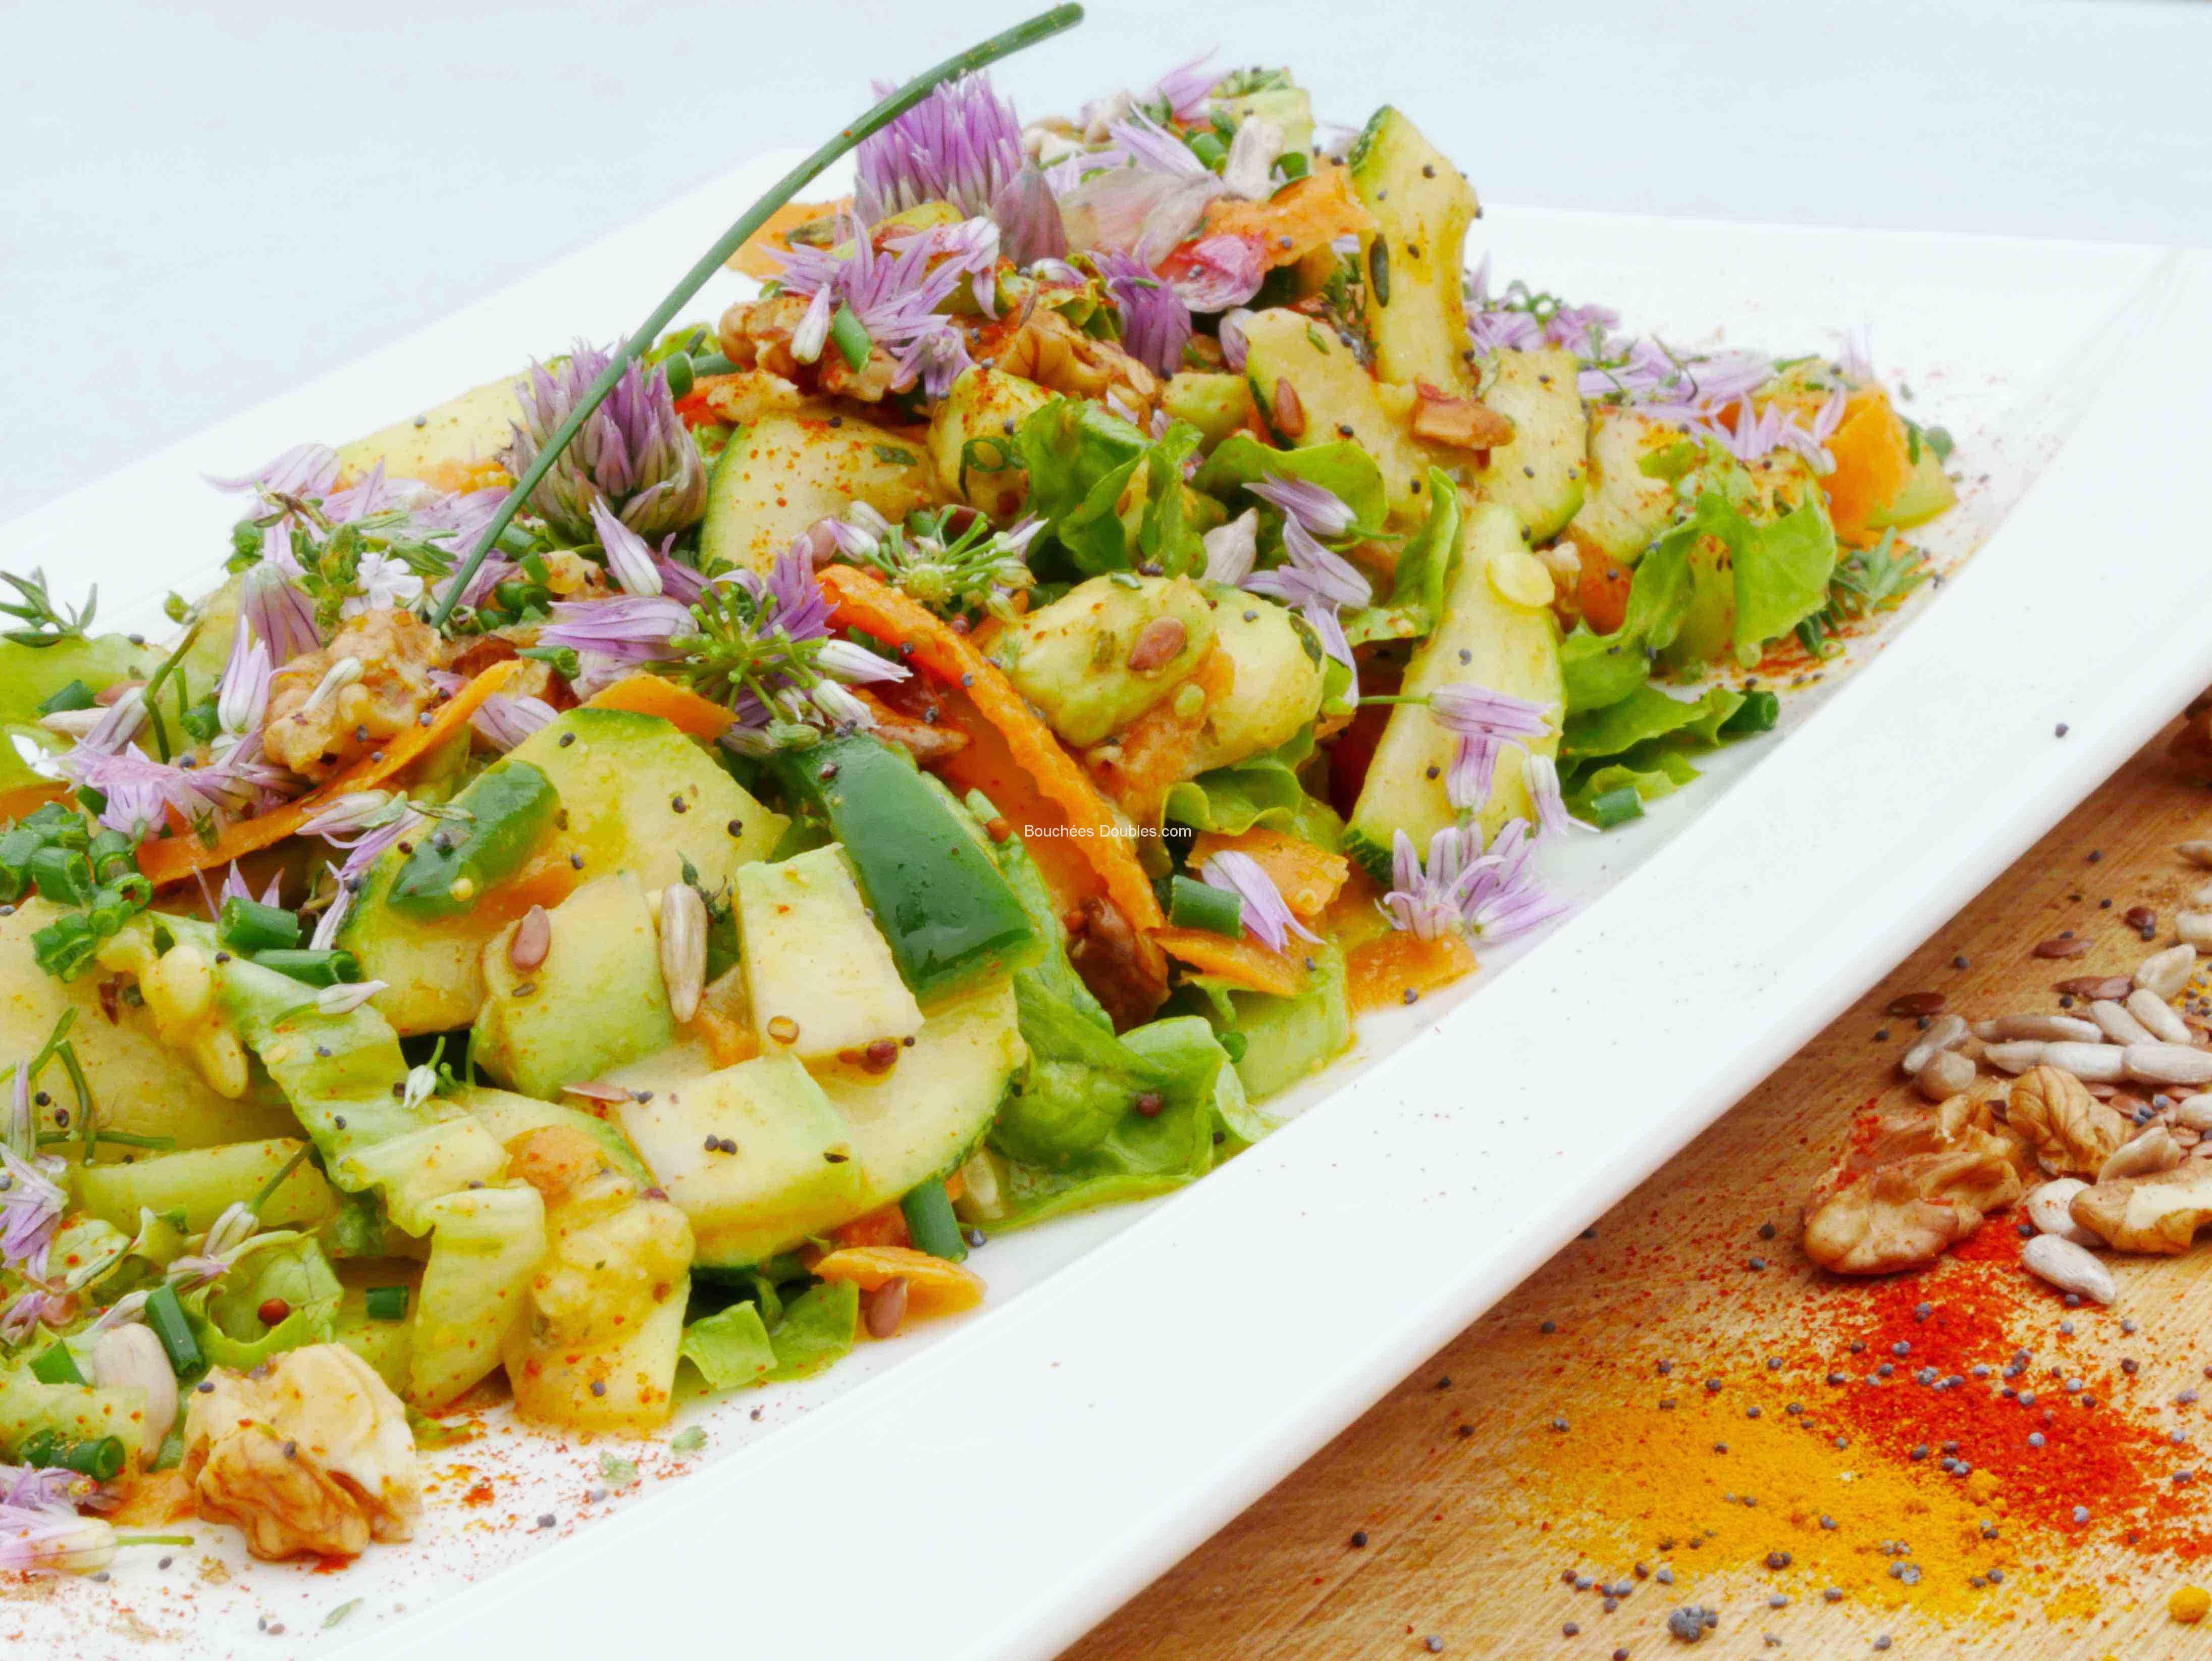 Salade vitalité en 2 textures croquante et fondante 2